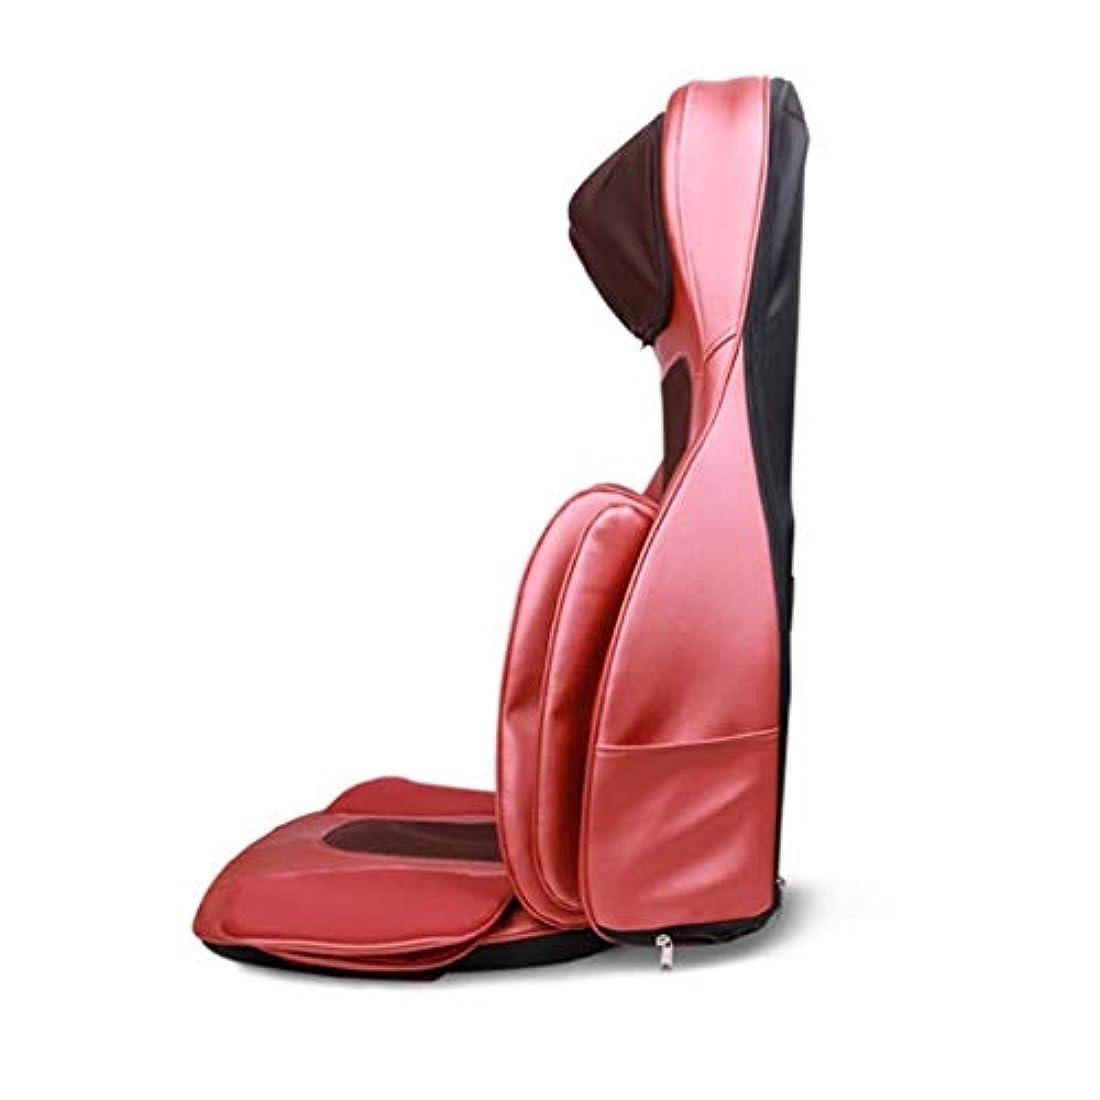 歴史ブレース瞳指圧/ローリング/振動マッサージ、スージング疲労、車/オフィスや家庭のための調節可能な枕の高さを備えた電気マッサージクッション、カーマッサージシート、バック/首のマッサージ、